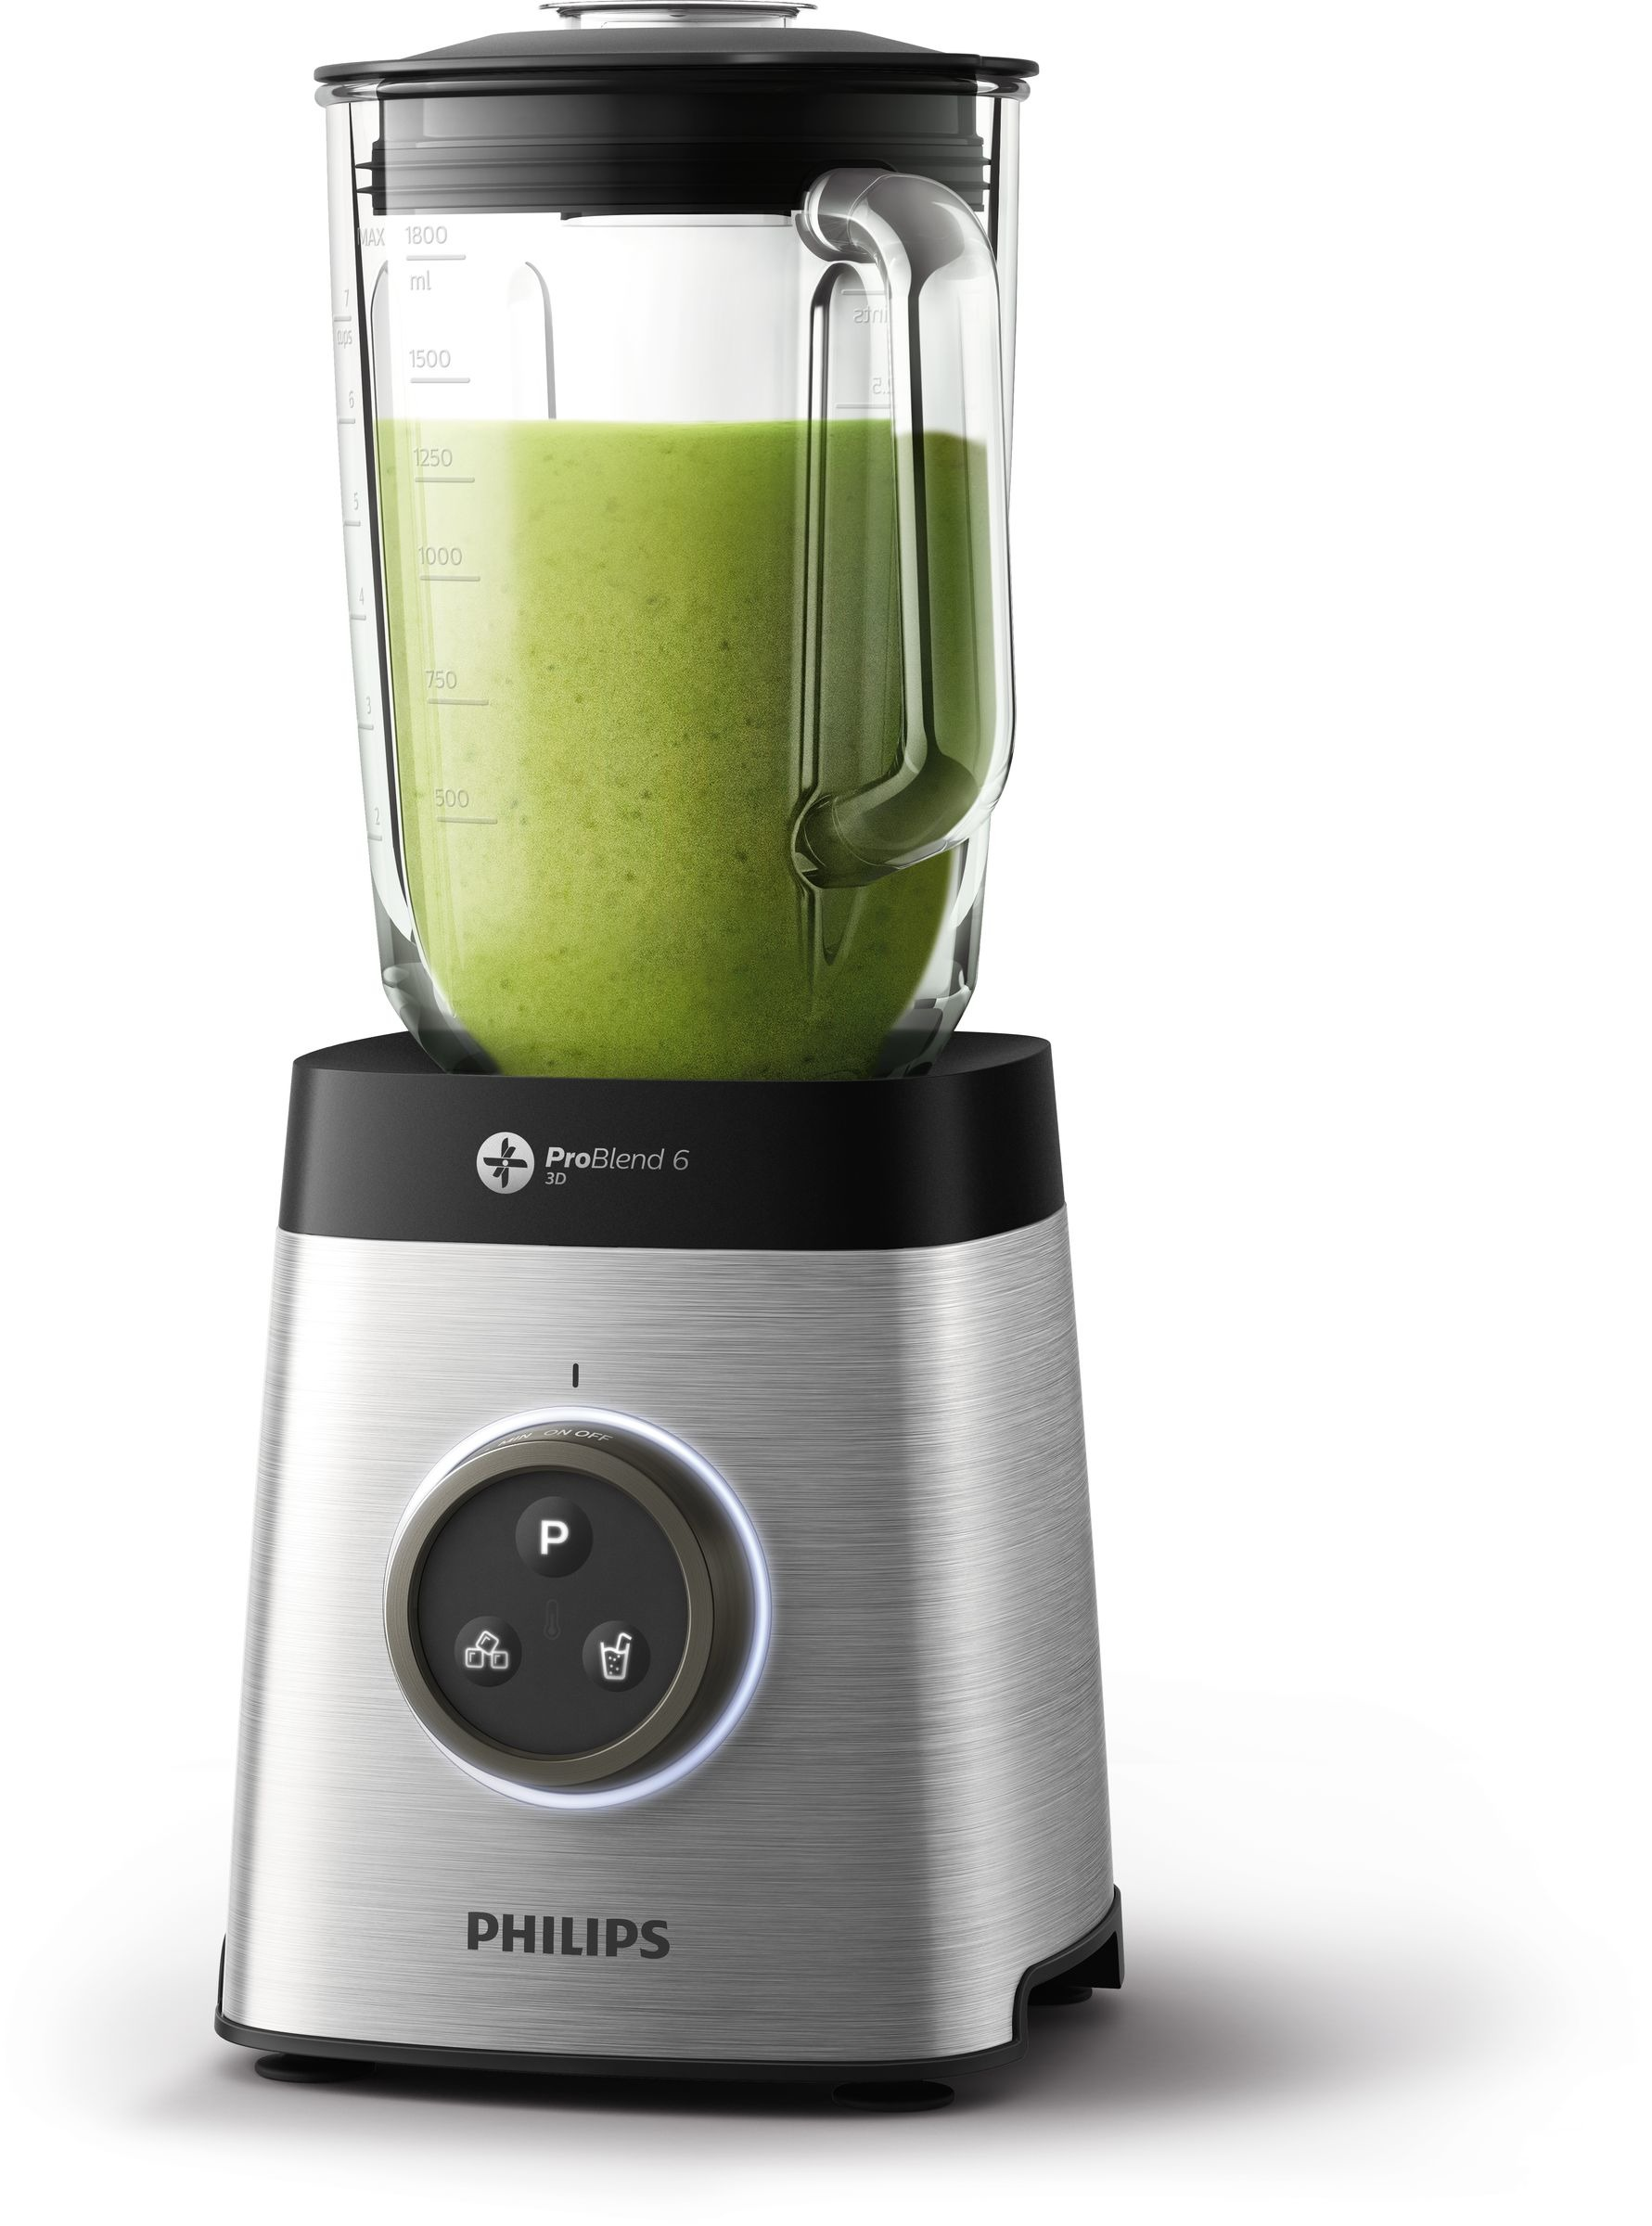 Philips HR3652/00 Keukenmachines en mixers Roestvrijstaal online kopen